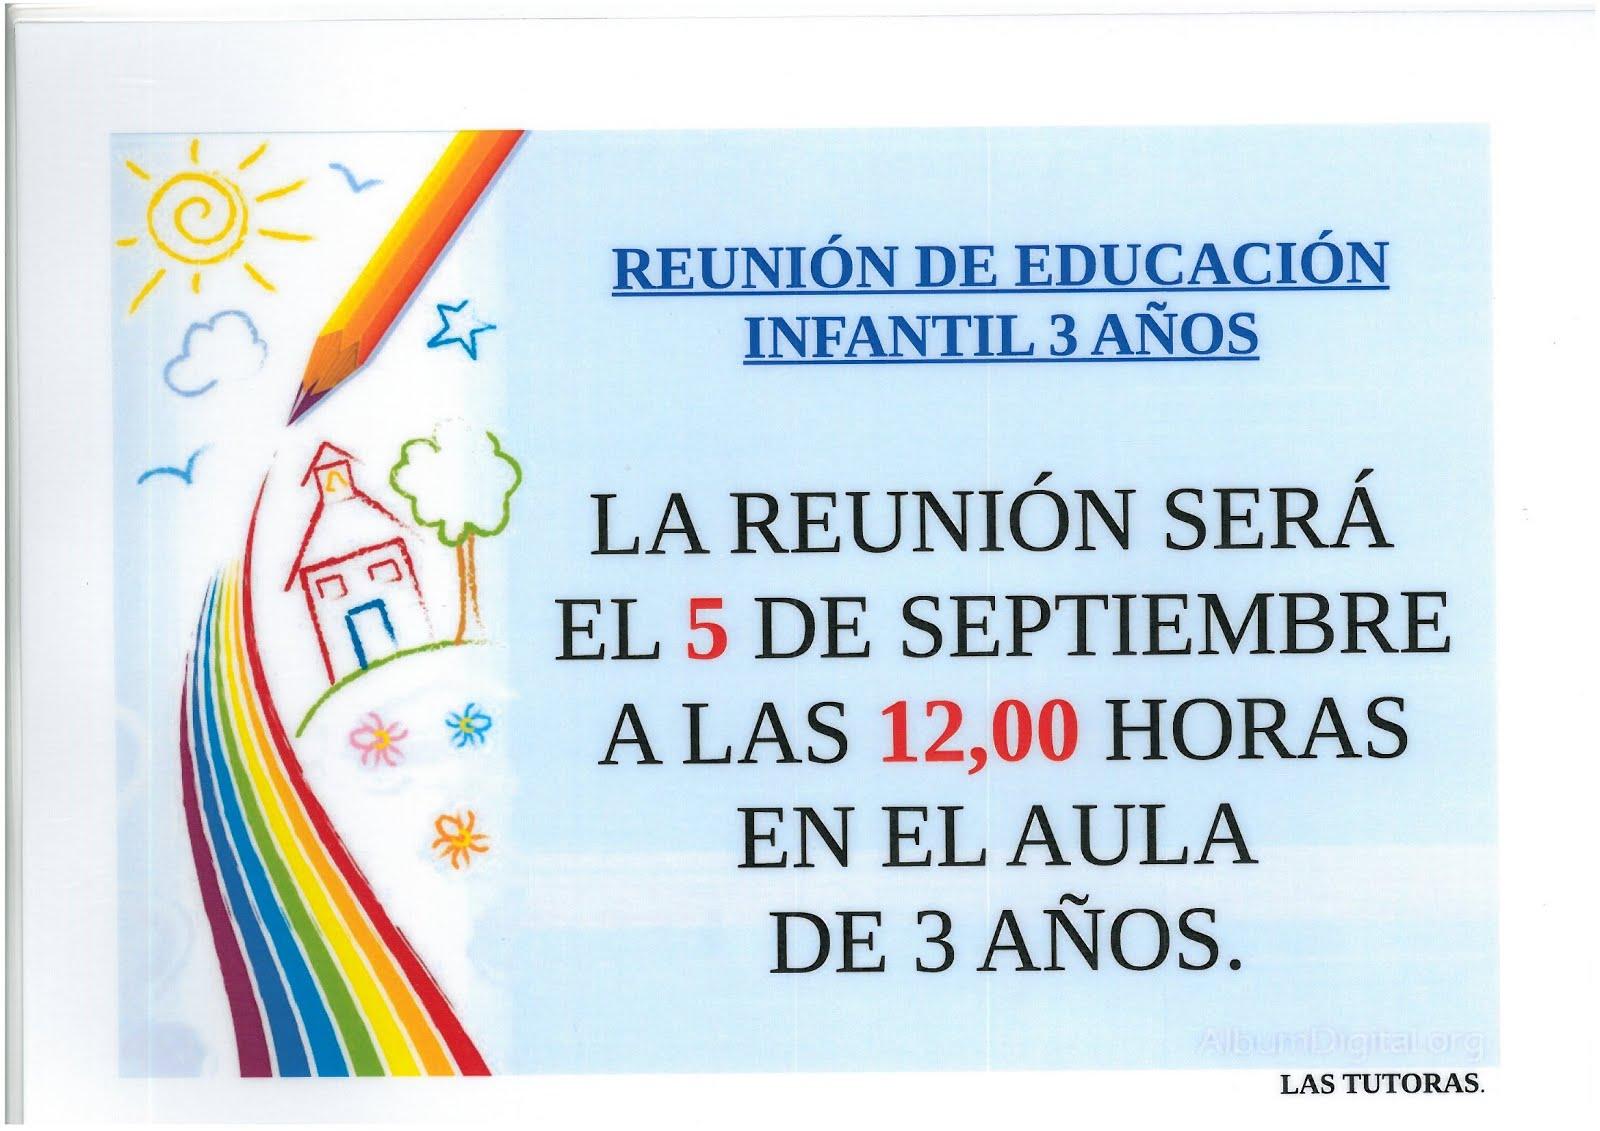 REUNIÓN ALUMNADO NUEVO 3 AÑOS